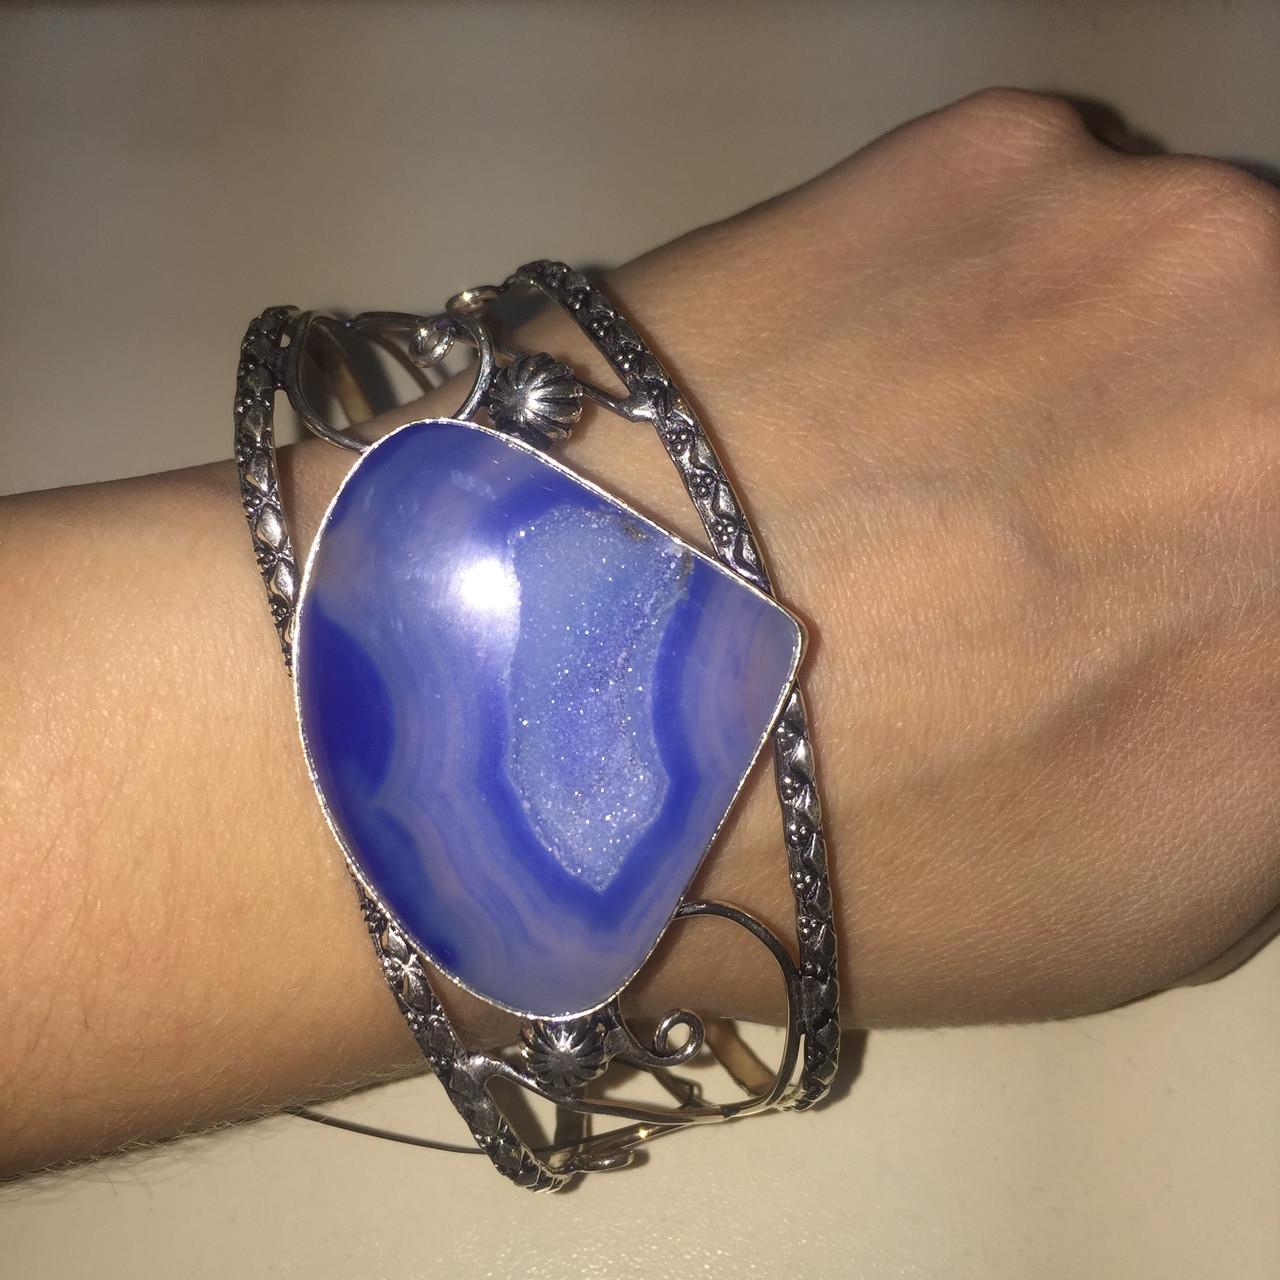 Агат браслет-манжет с природным камнем агат жеода (срез) в серебре. Браслет с жеодой агата Индия